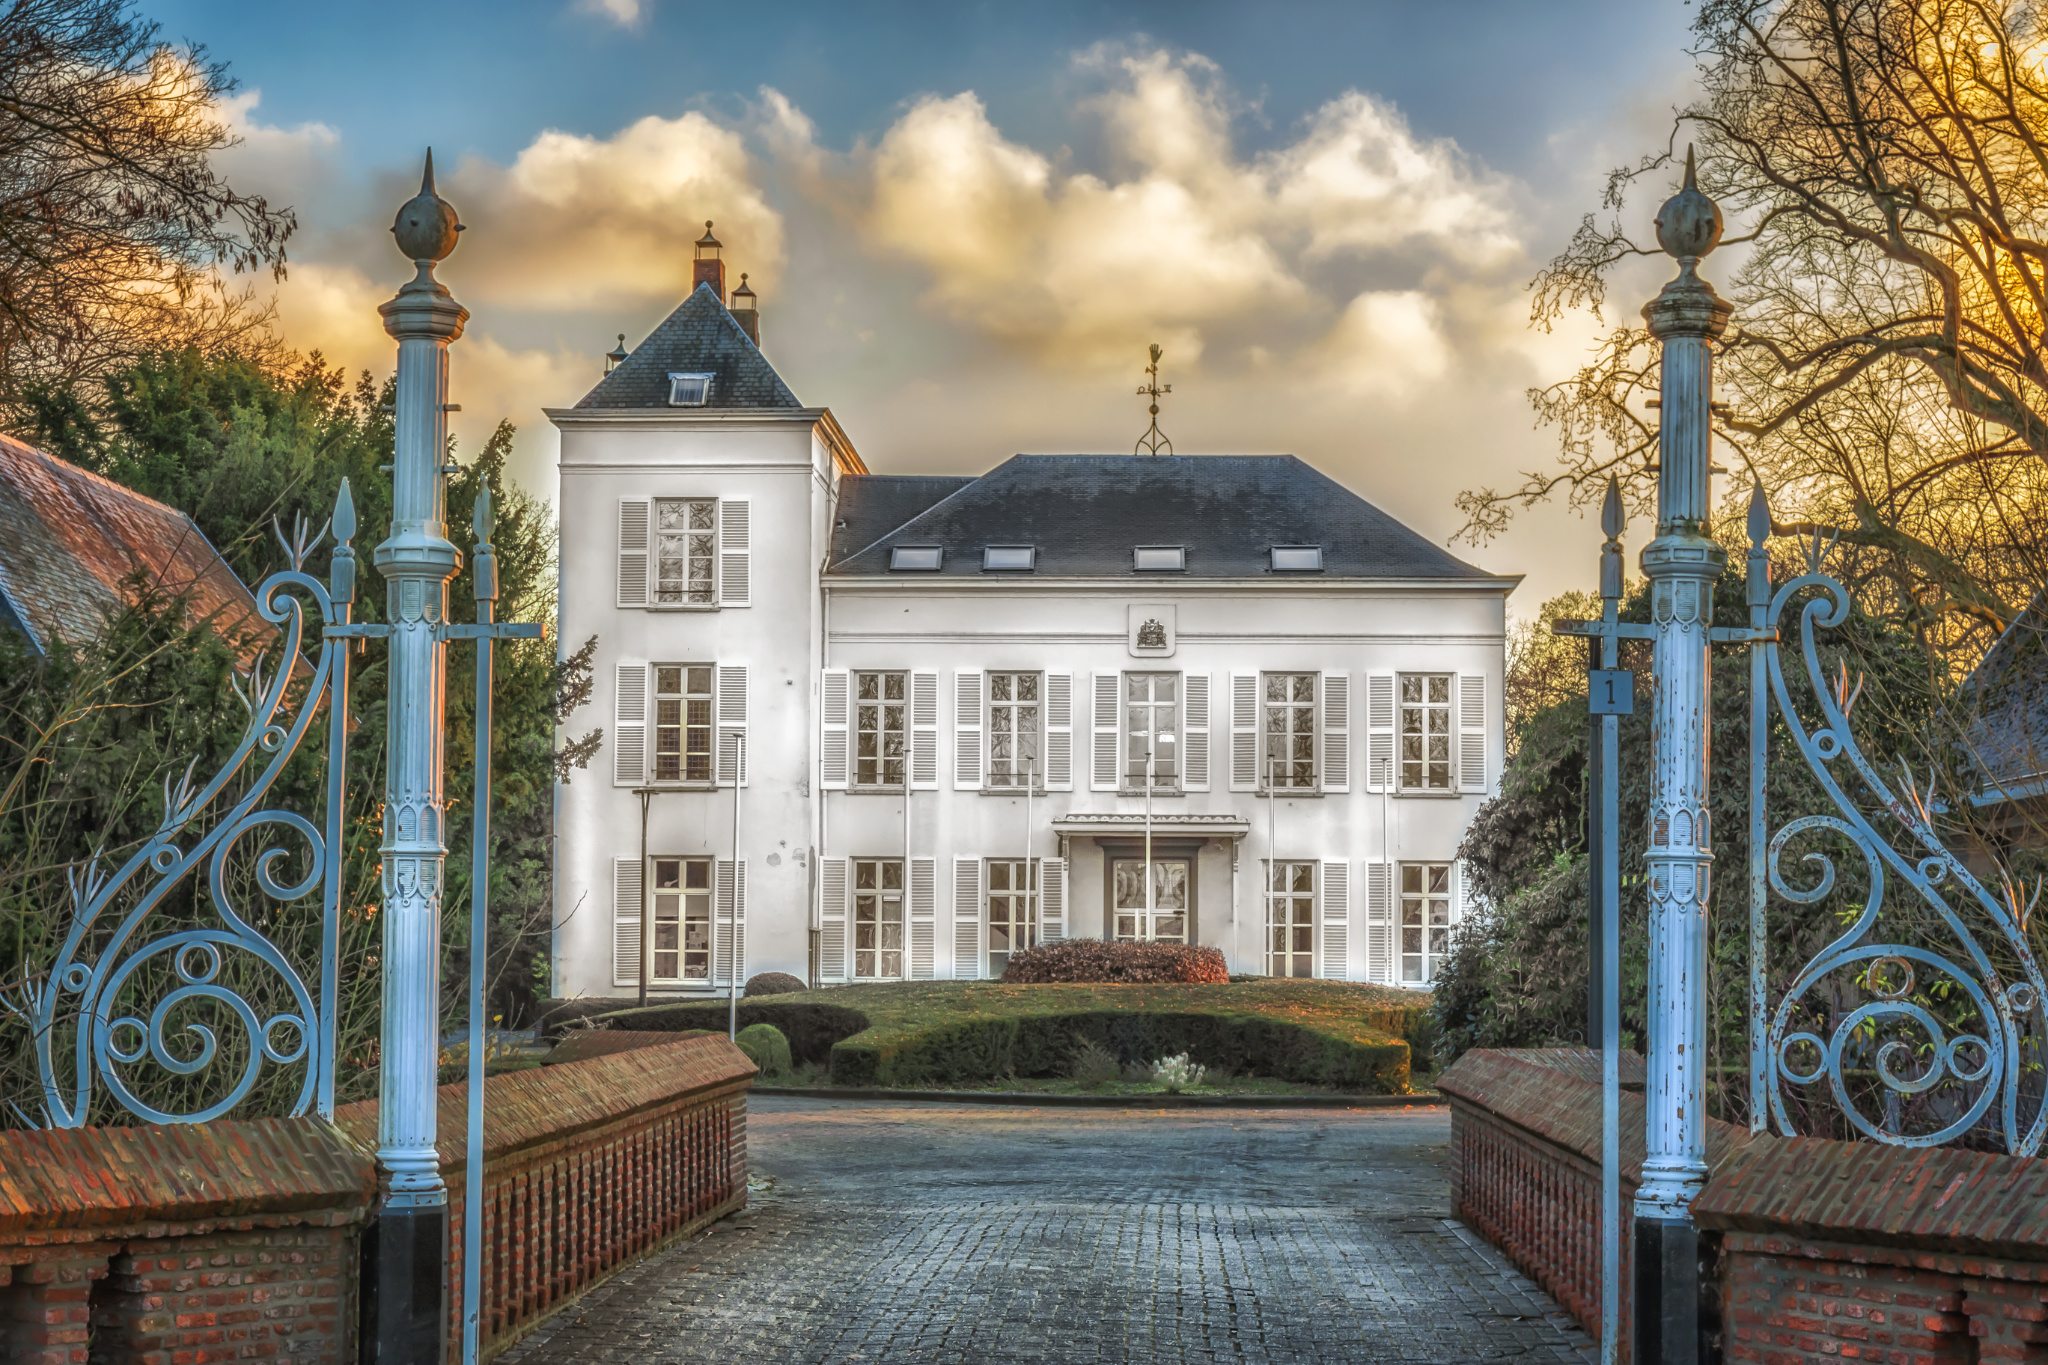 Weyninckhove Castle, Belgium